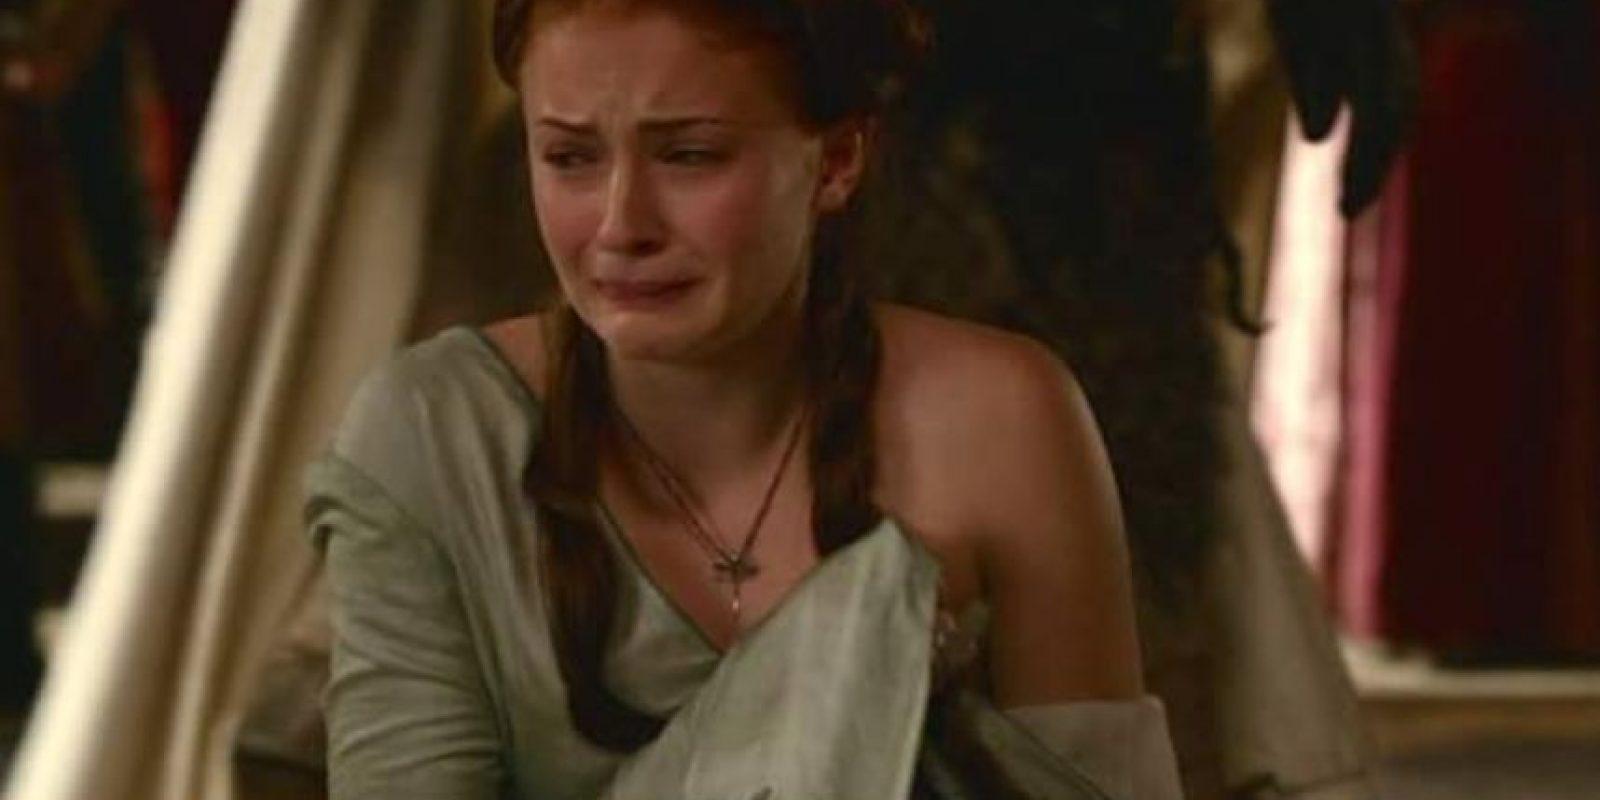 """4. En la segunda temporada, """"Joffrey"""" hace que """"Sansa"""" mire la cabeza decapitada de su padre. También la humilla en público y va a desnudarla ante la corte, pero """"Tyrion Lannister"""", tío del rey, la salva. Foto:vía HBO"""